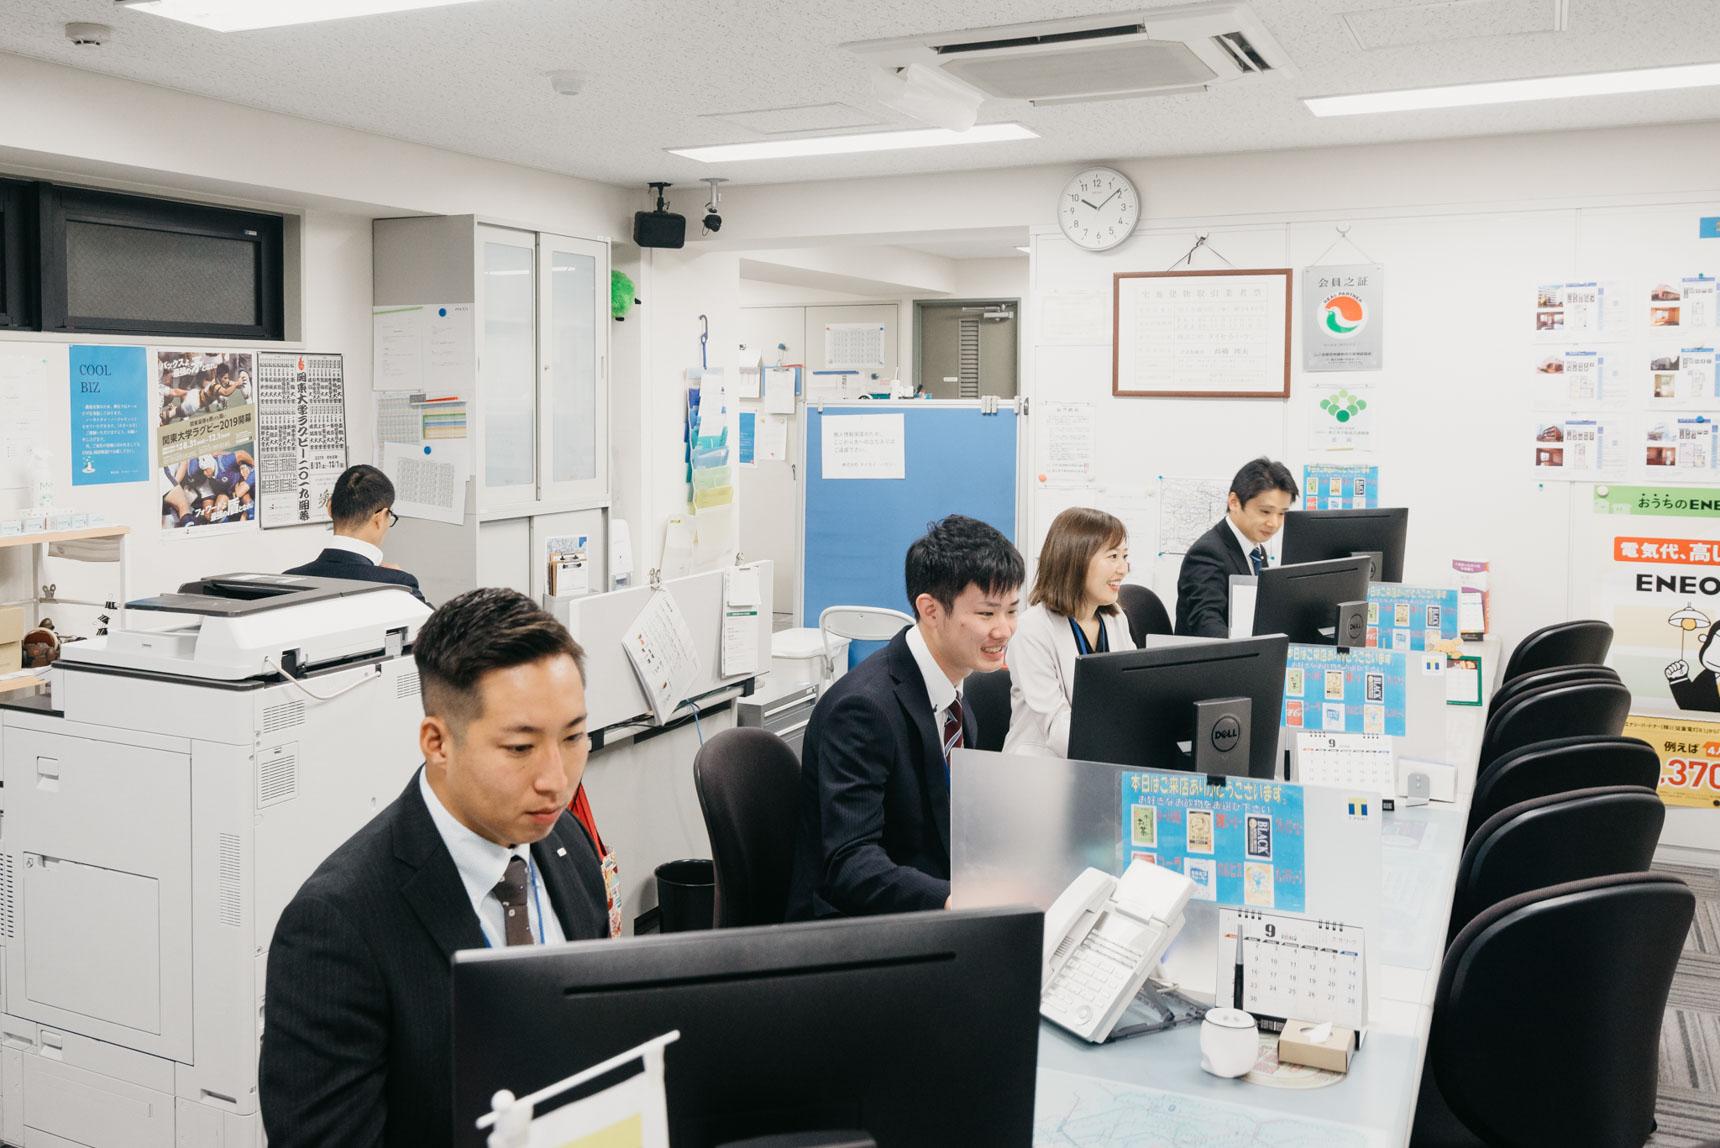 続いて、渋谷営業所へとお邪魔いたしました。